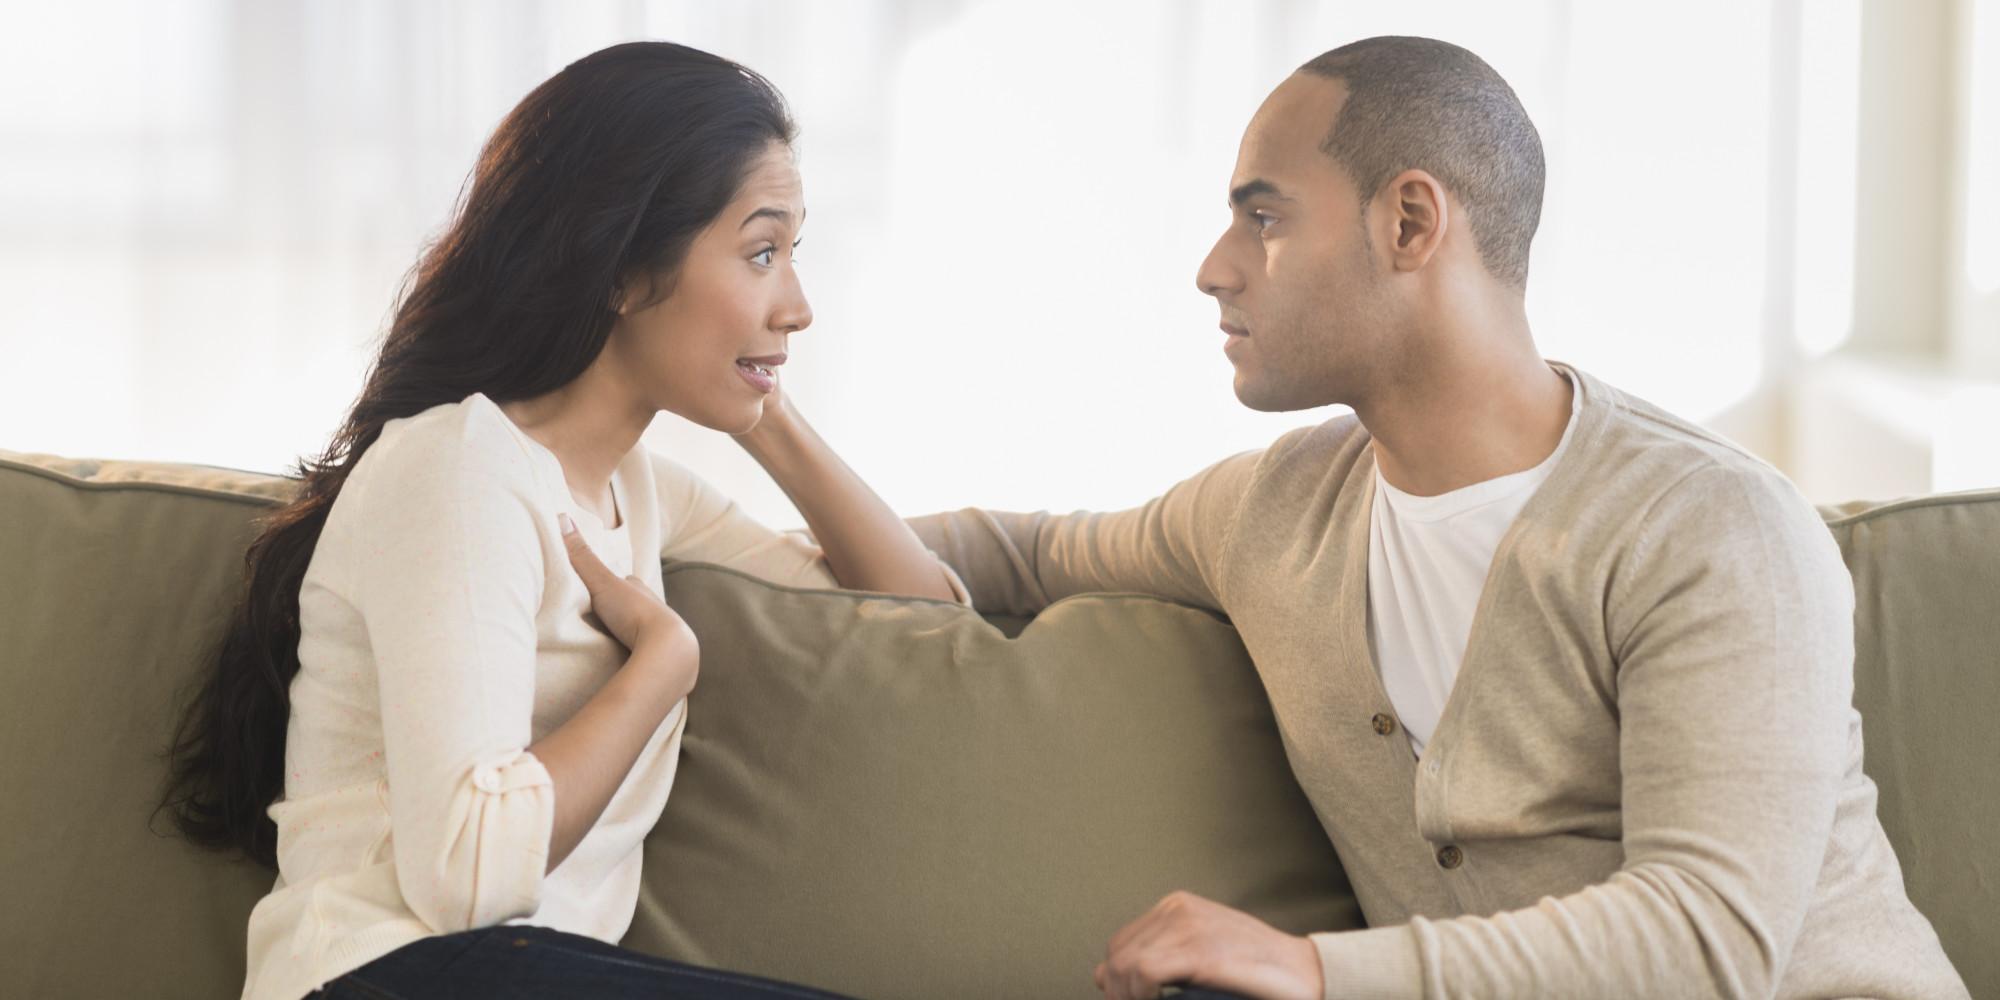 زن و شوهرها بیشتر برای چه چیزهایی دعوا میکنند؟